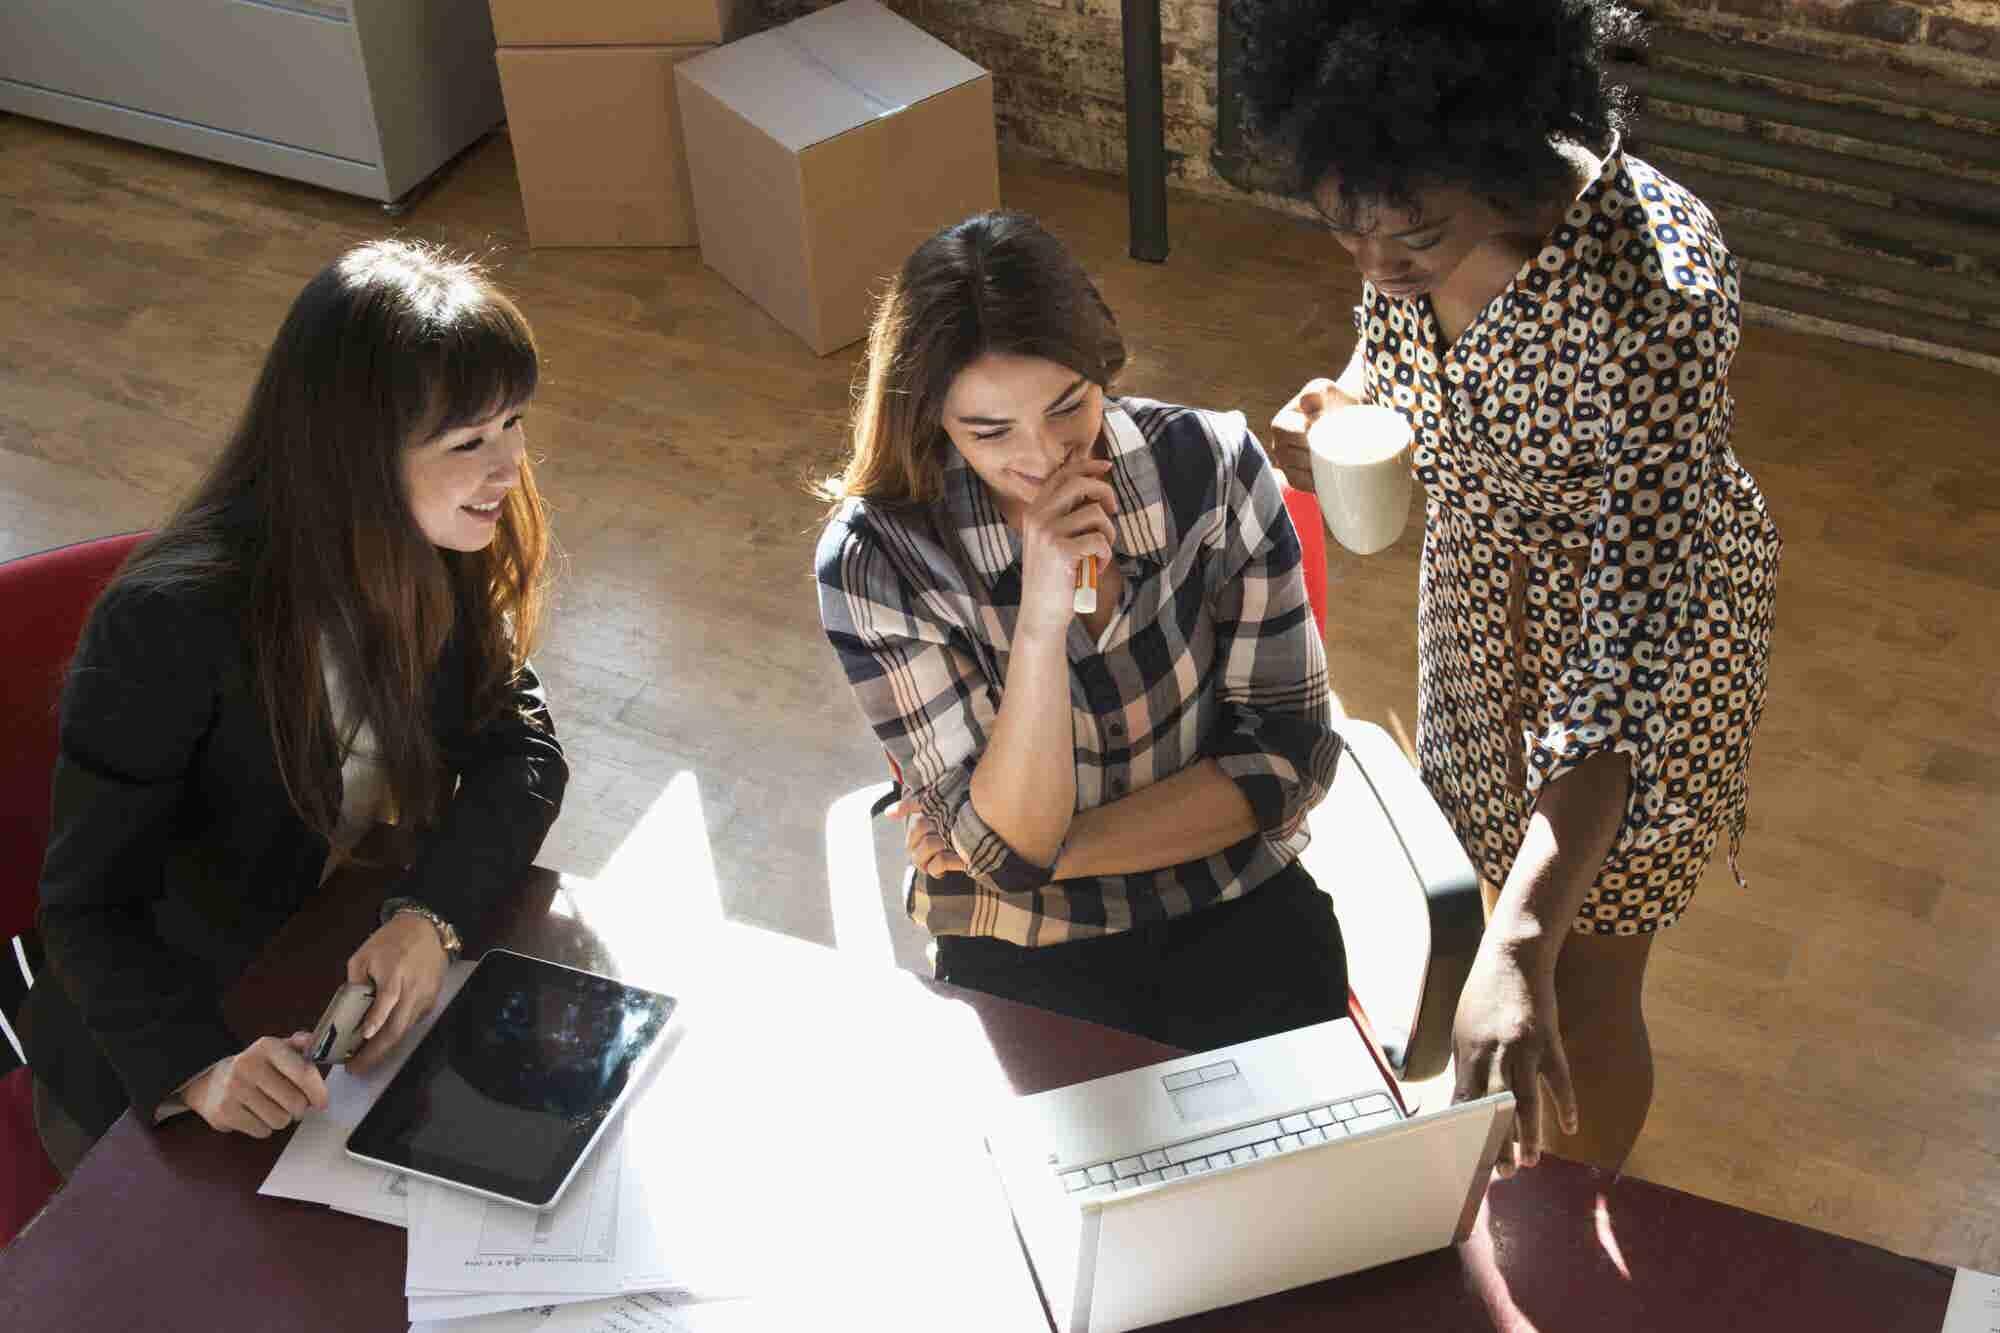 4 Business Lessons for Millennial Entrepreneurs